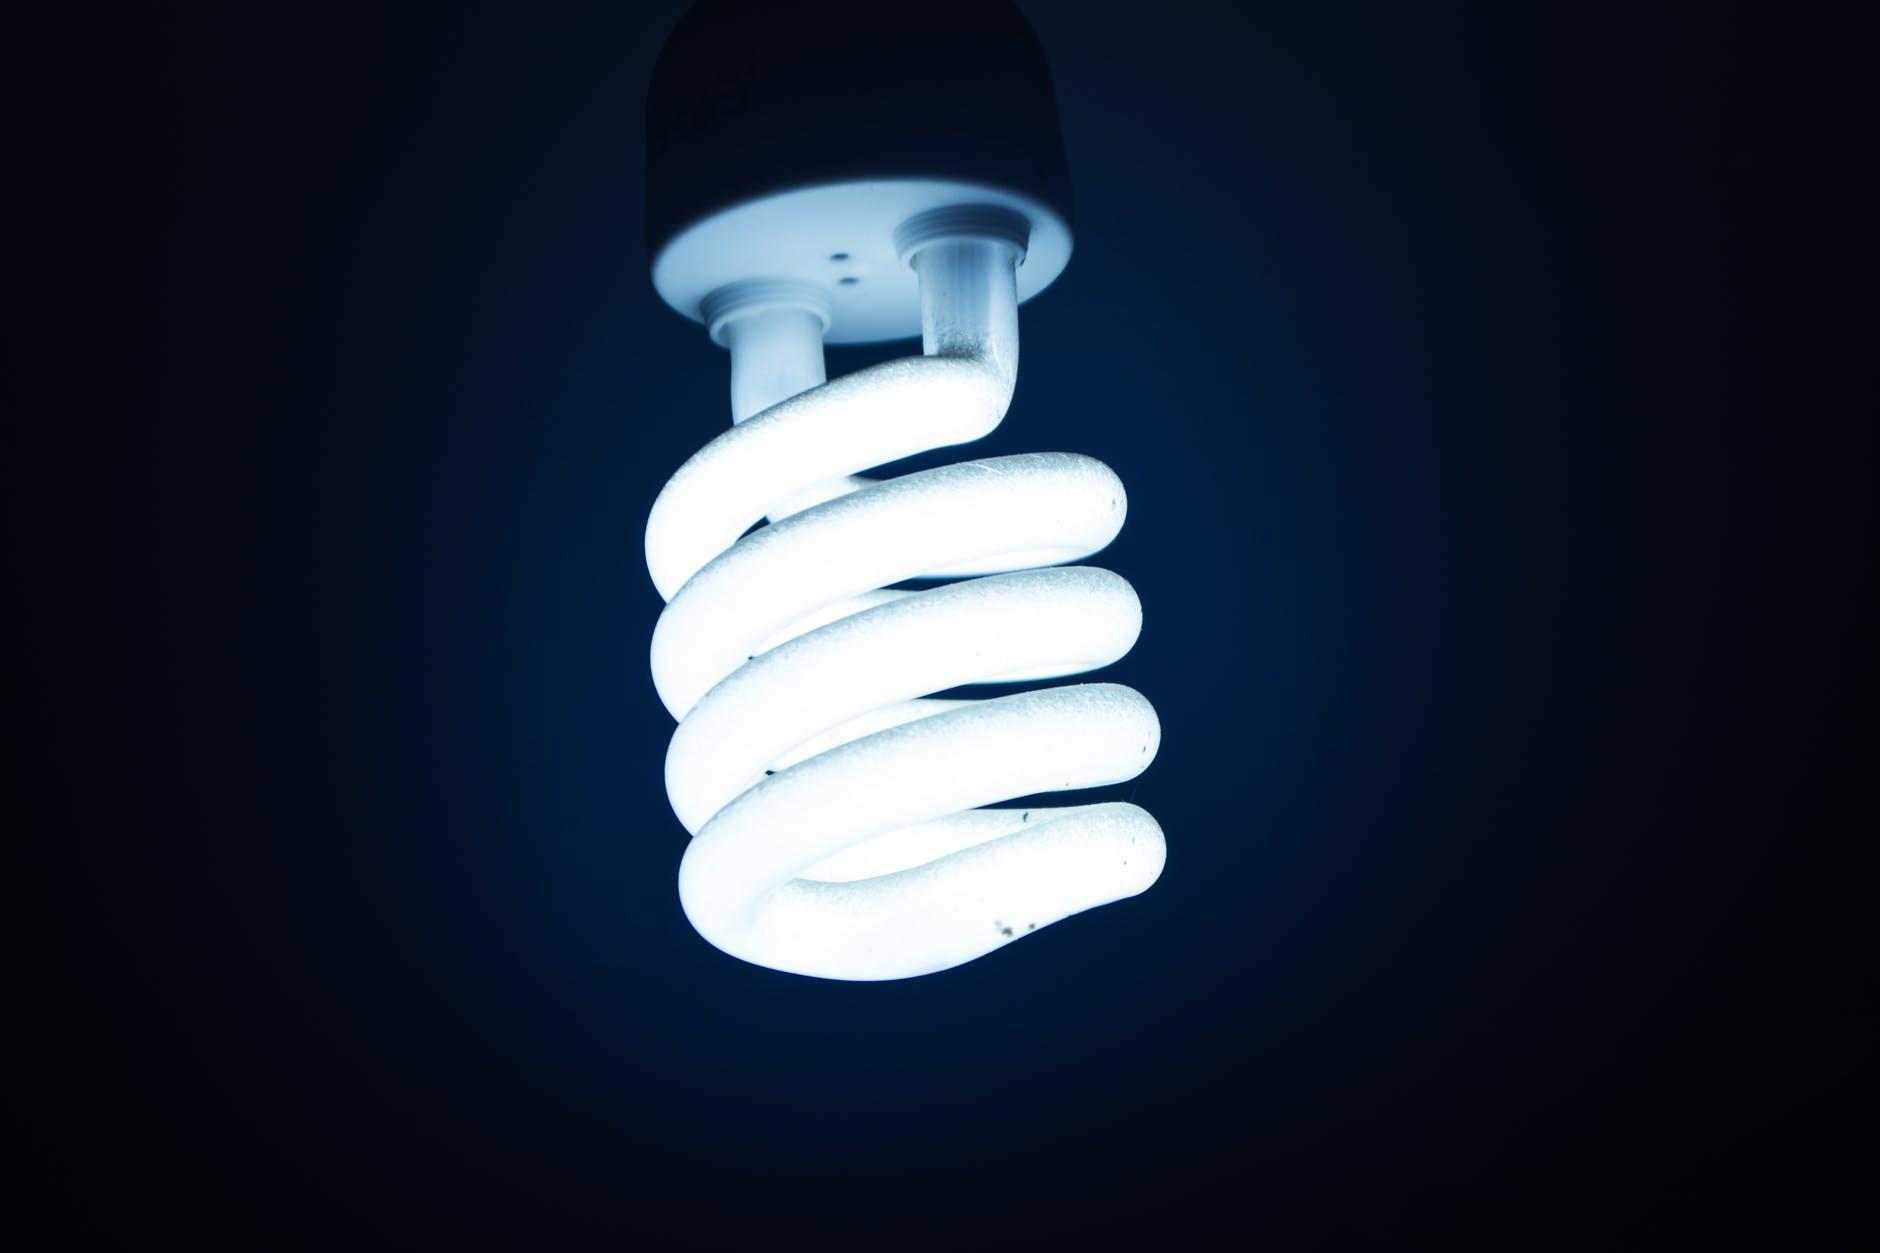 Poznaj najważniejsze korzyści wymiany przestarzałych żarówek na technologie LED!  - Zdjęcie główne